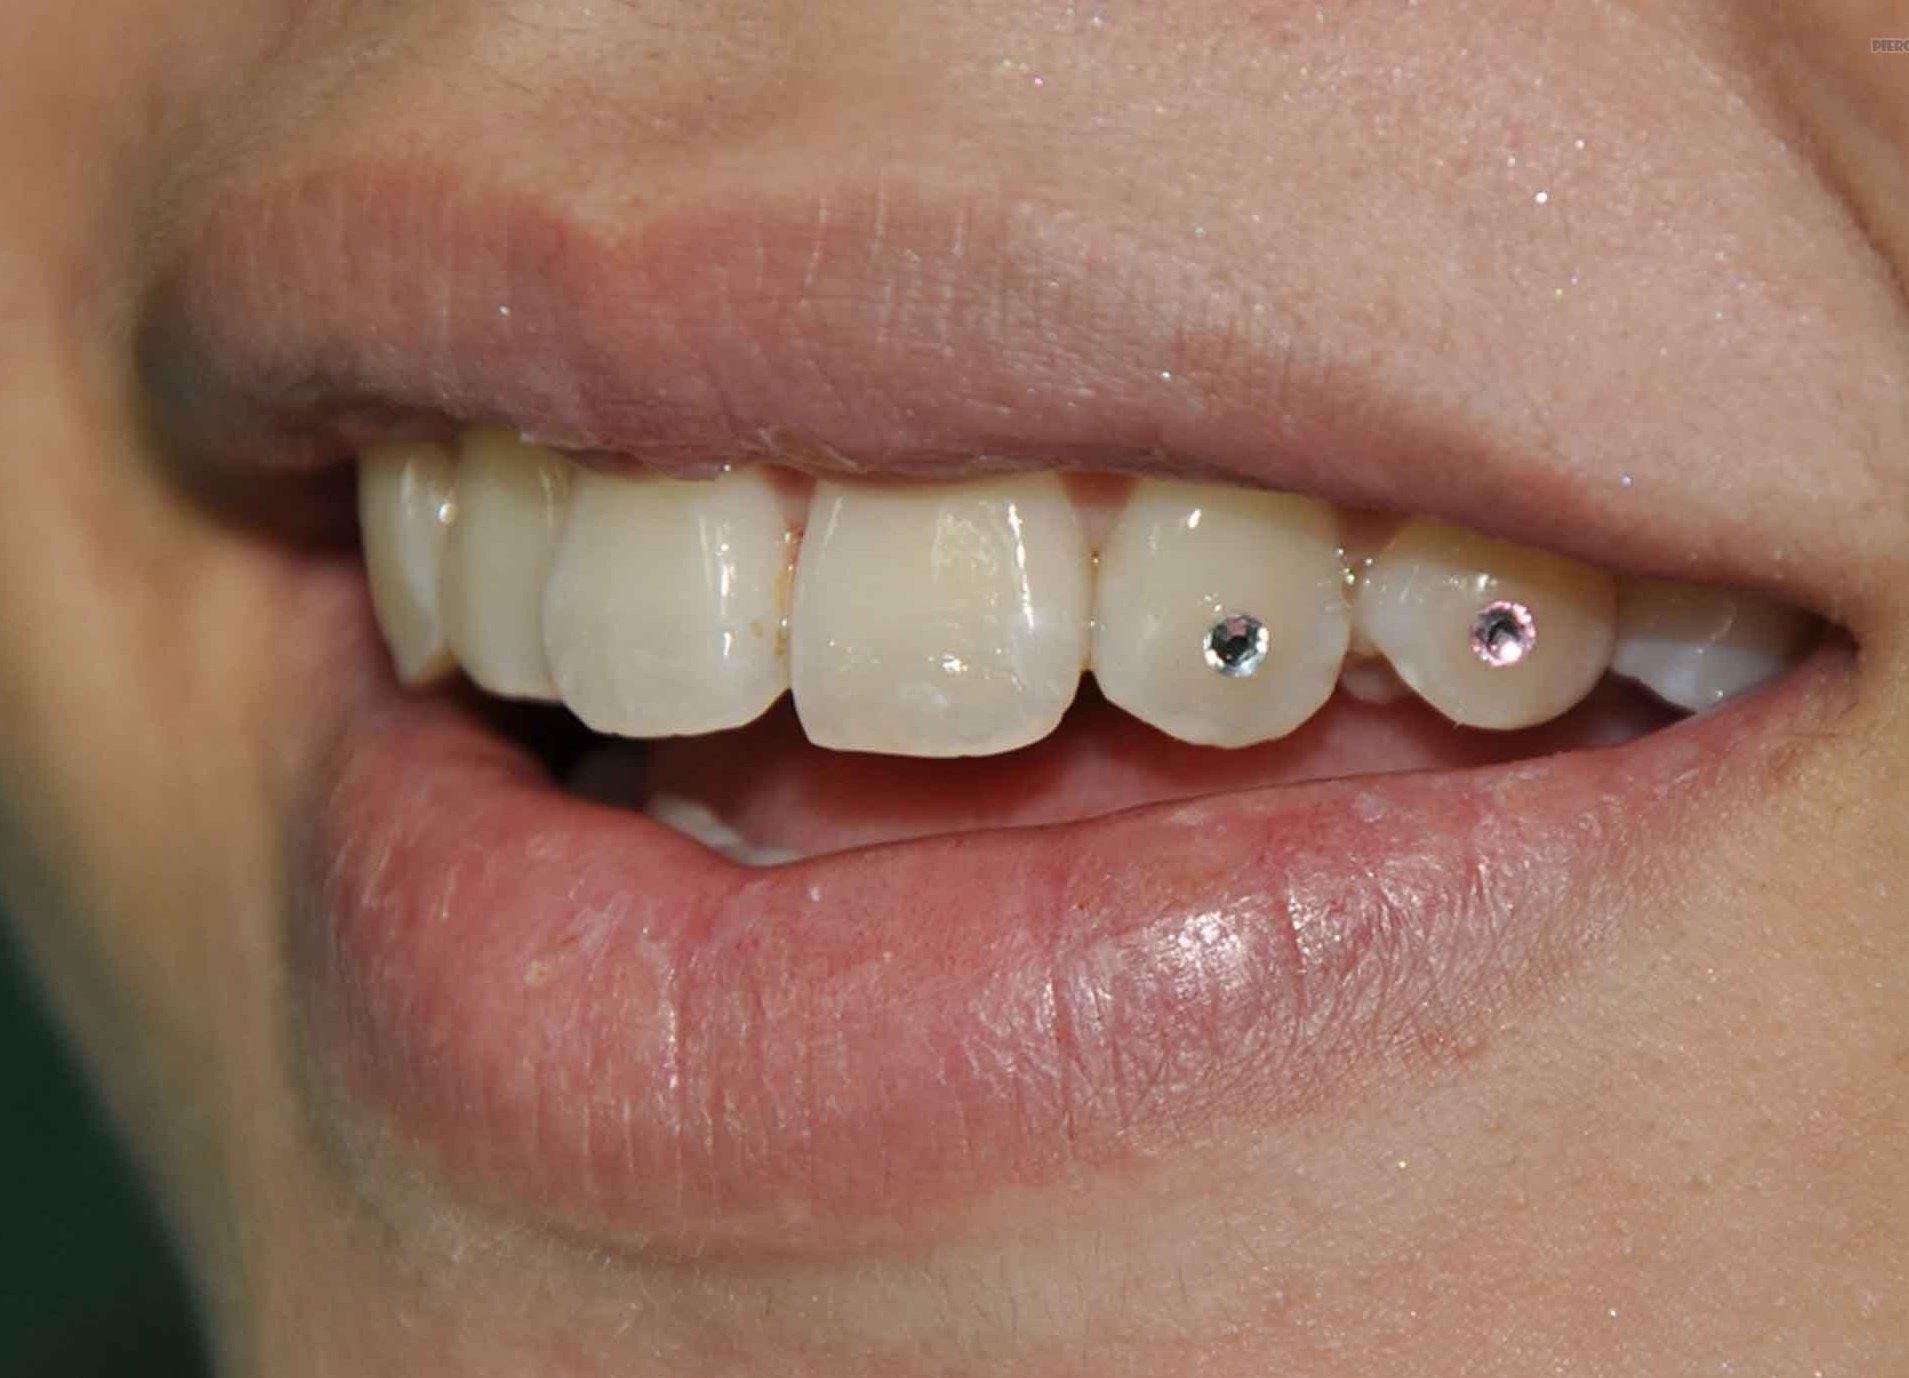 арсенале стразы на зубах фото северодвинский центральный